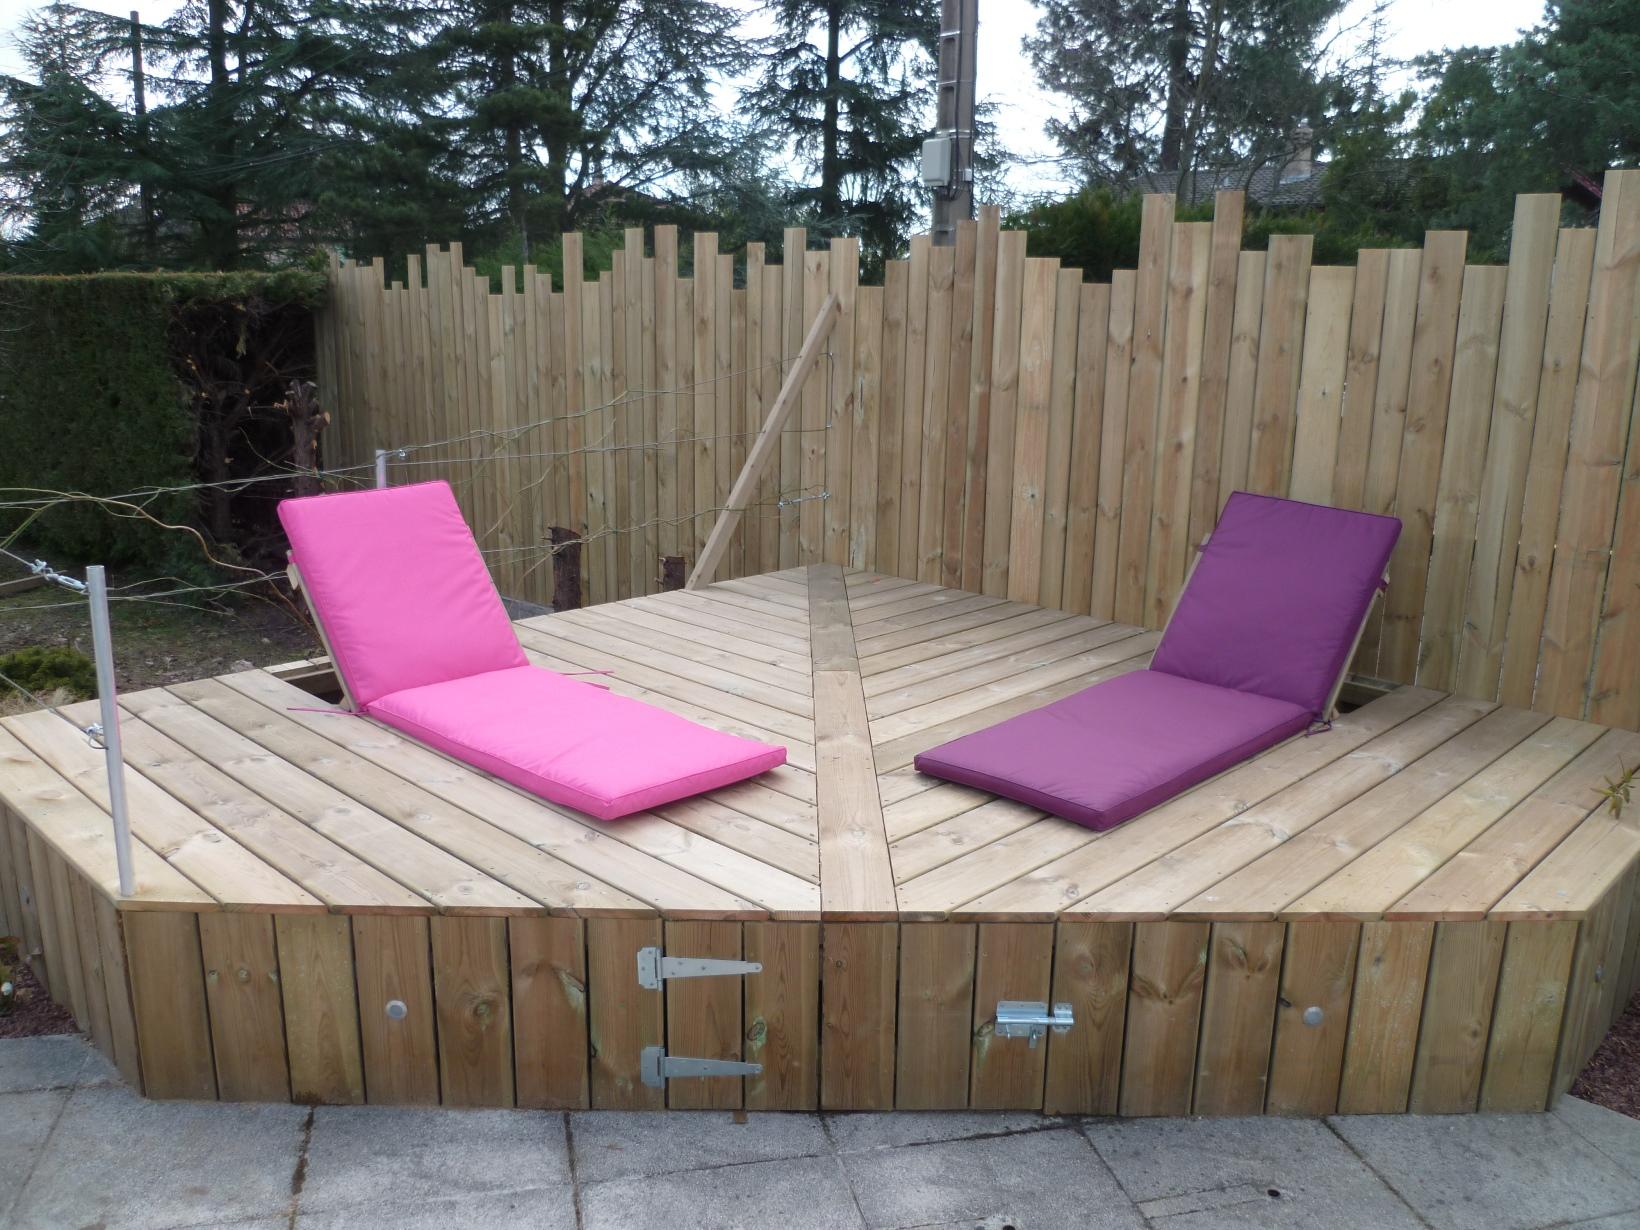 Jour de jardin paysagiste lyon piscines et spa - Jardin villemanzy lyon lyon ...